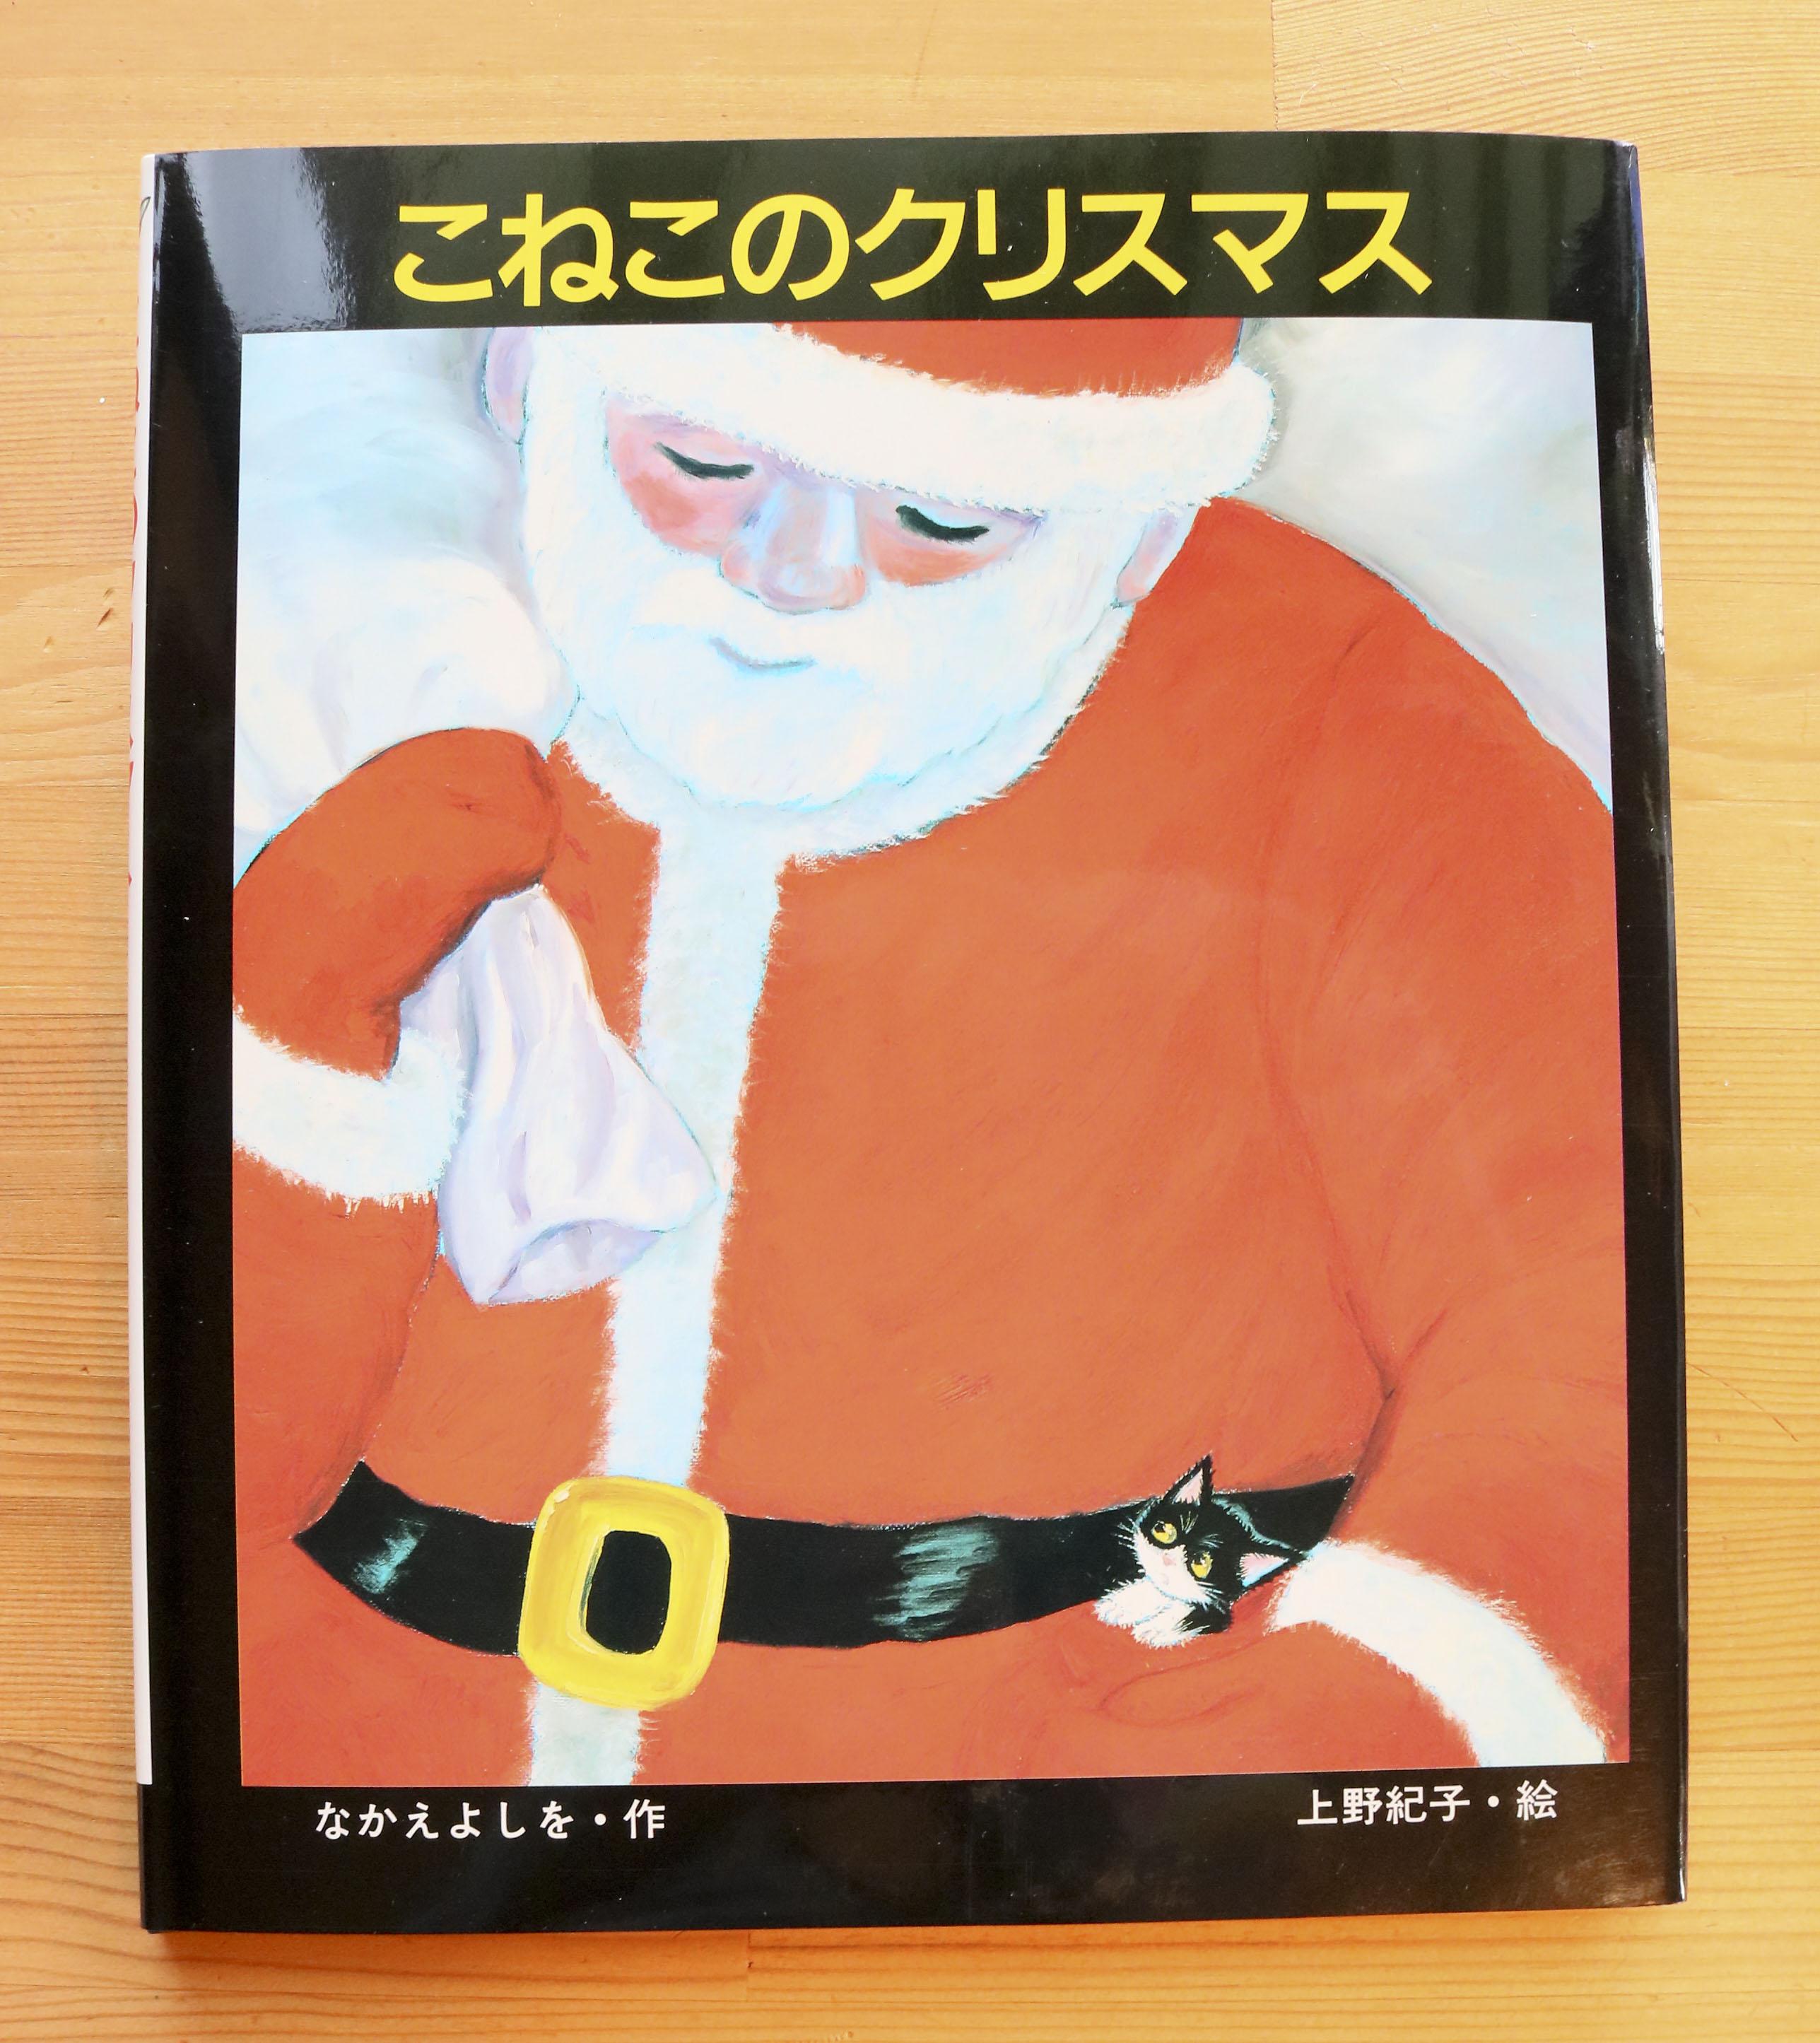 こねこのクリスマス 猫絵本 絵本 大人絵本 秋田 かぎしっぽ